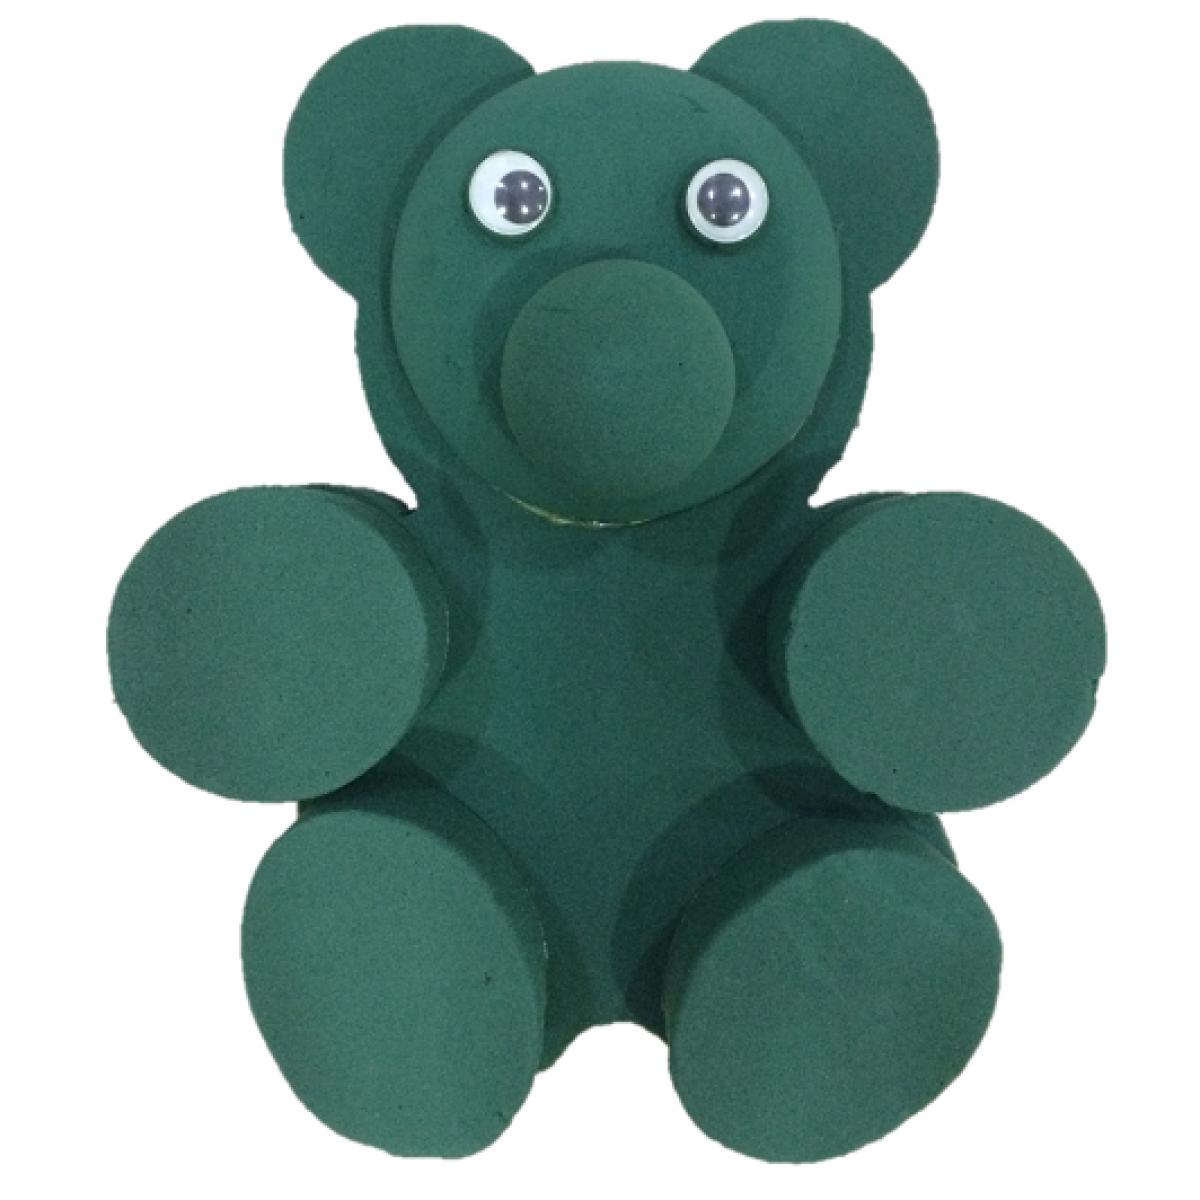 3D Teddy Bear (1 No) 18